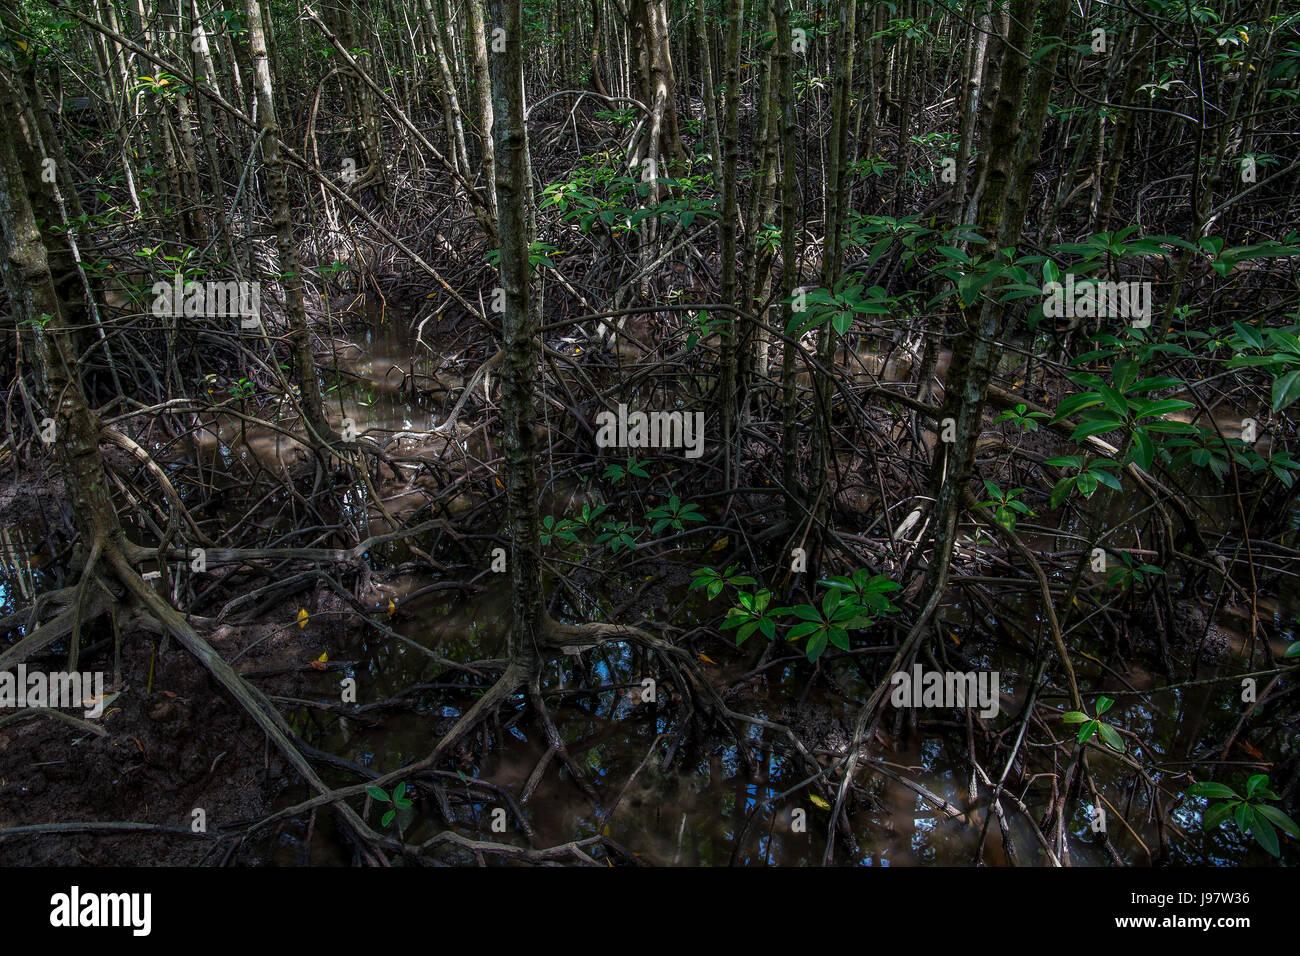 Inside mangrove swamp at Kota Kinabalu Wetland Centre,  Borneo, Sabah, Malaysia. - Stock Image